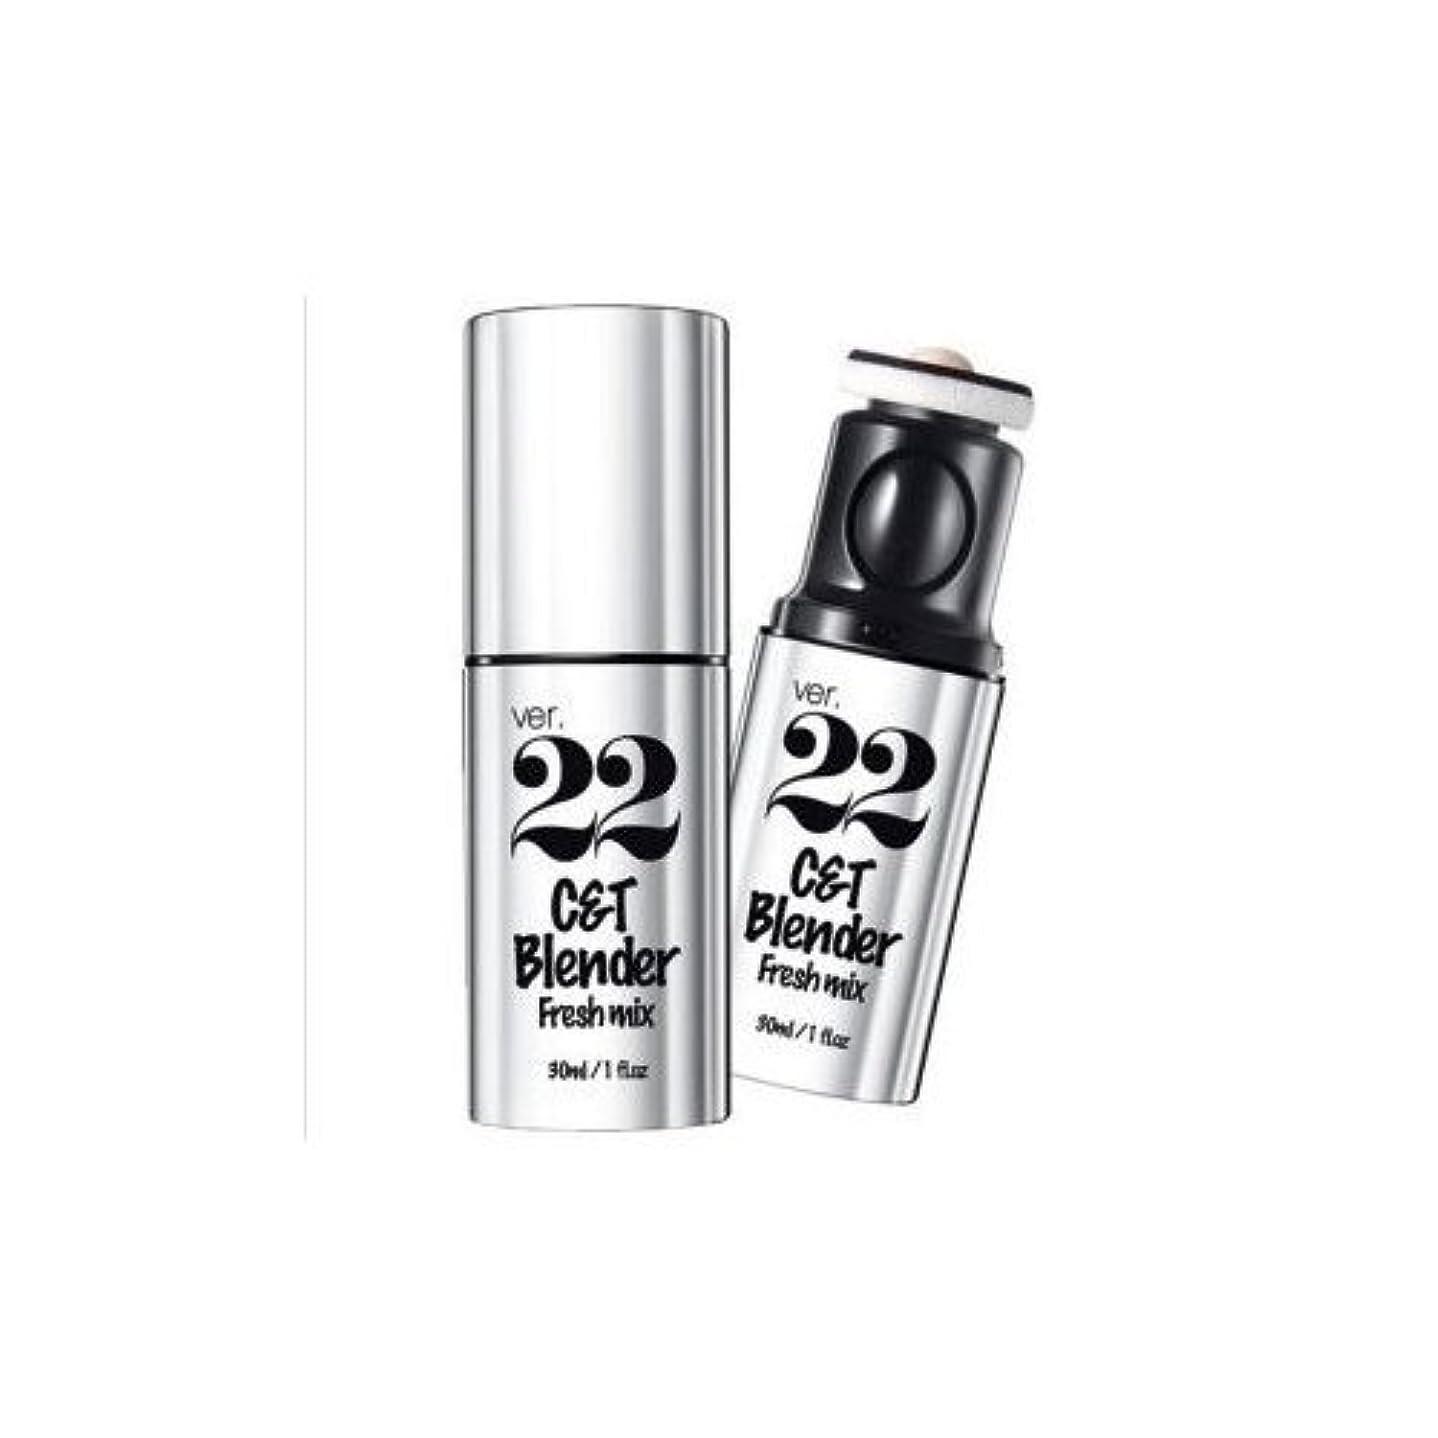 おしゃれじゃない技術的なギャロップchosungah22 C&T Blender Fresh Mix 30ml, Capsule Foundation, #01, Korean Cosmetics